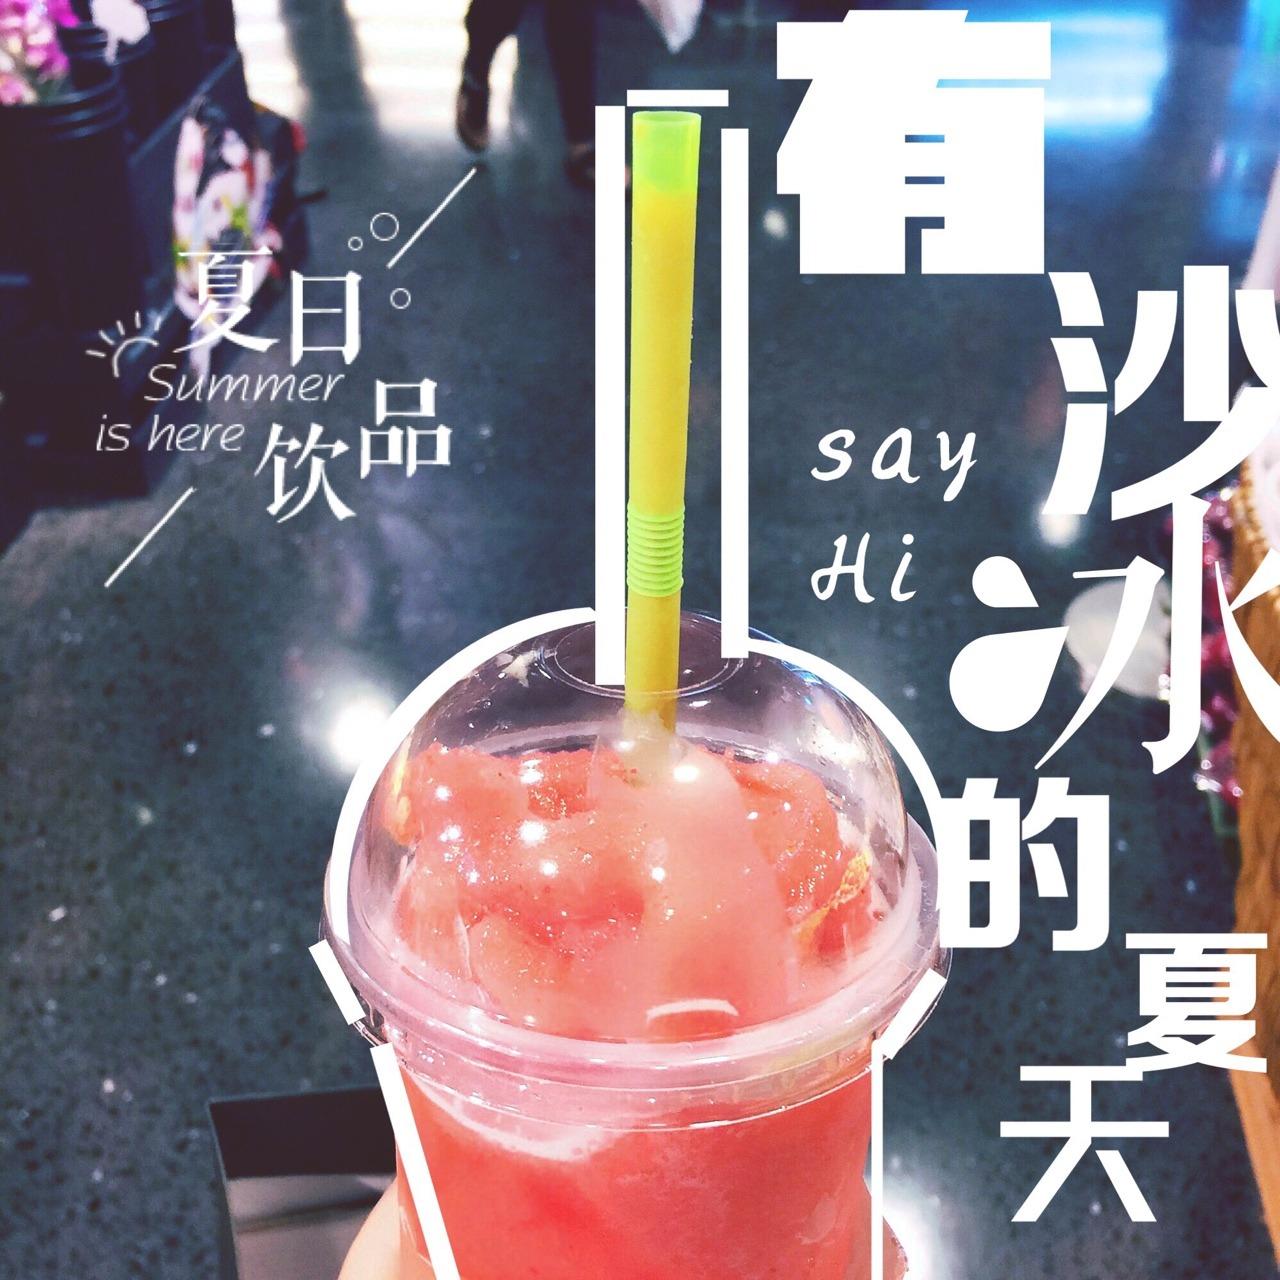 果汁料照片可爱